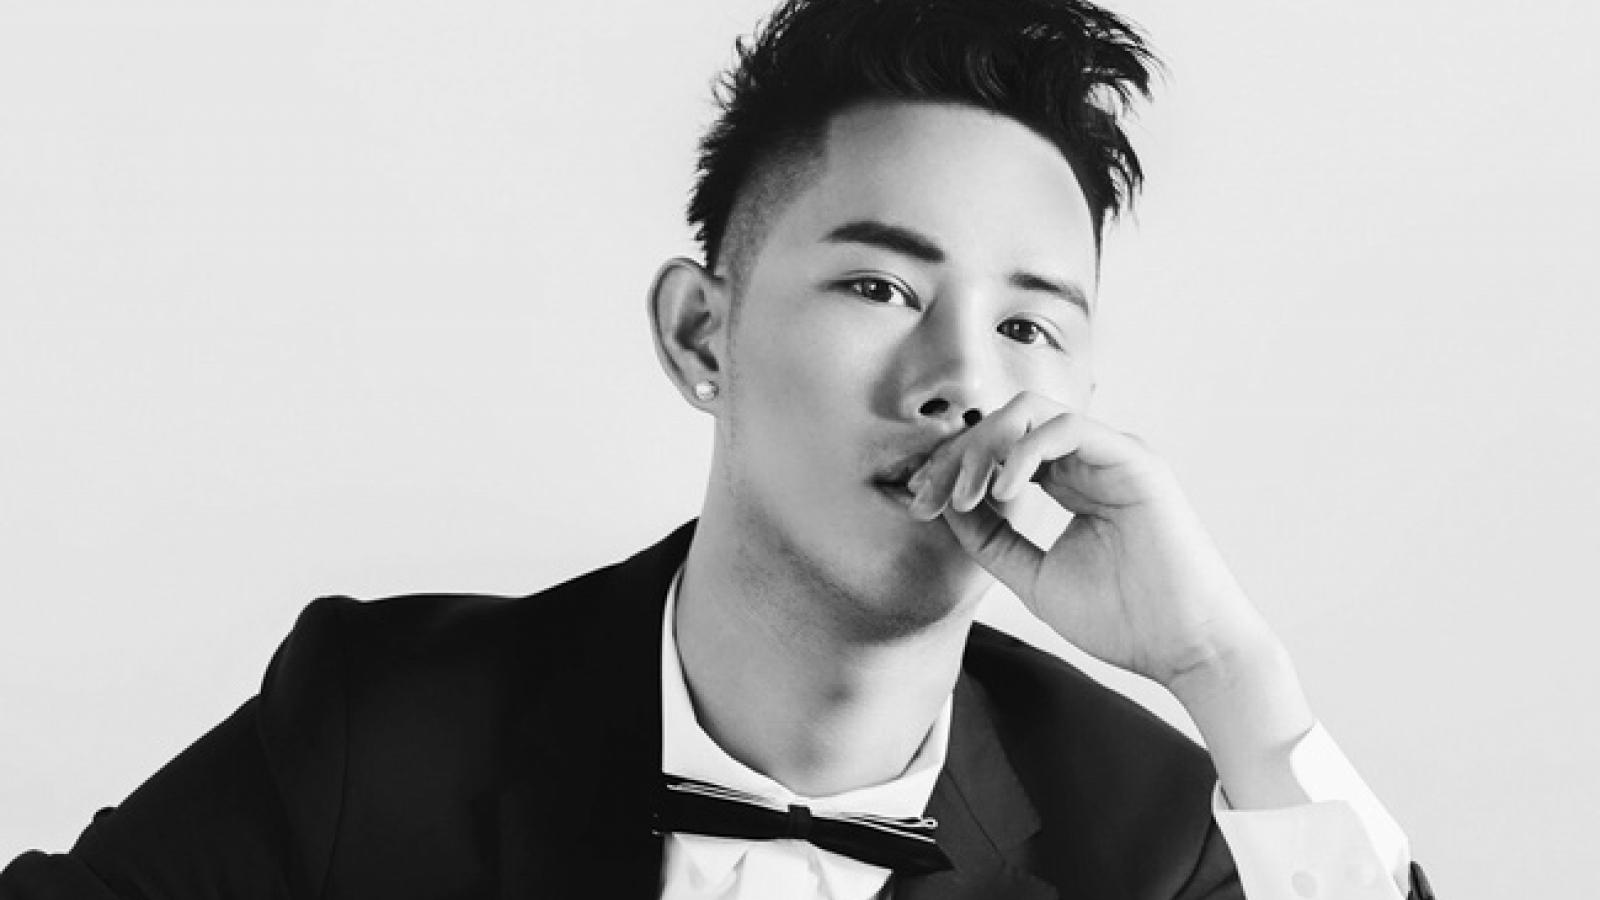 Lâm Gia Khang lọt danh sách 7 nhà thiết kế quốc tế đáng chú ý của tạp chí Vogue